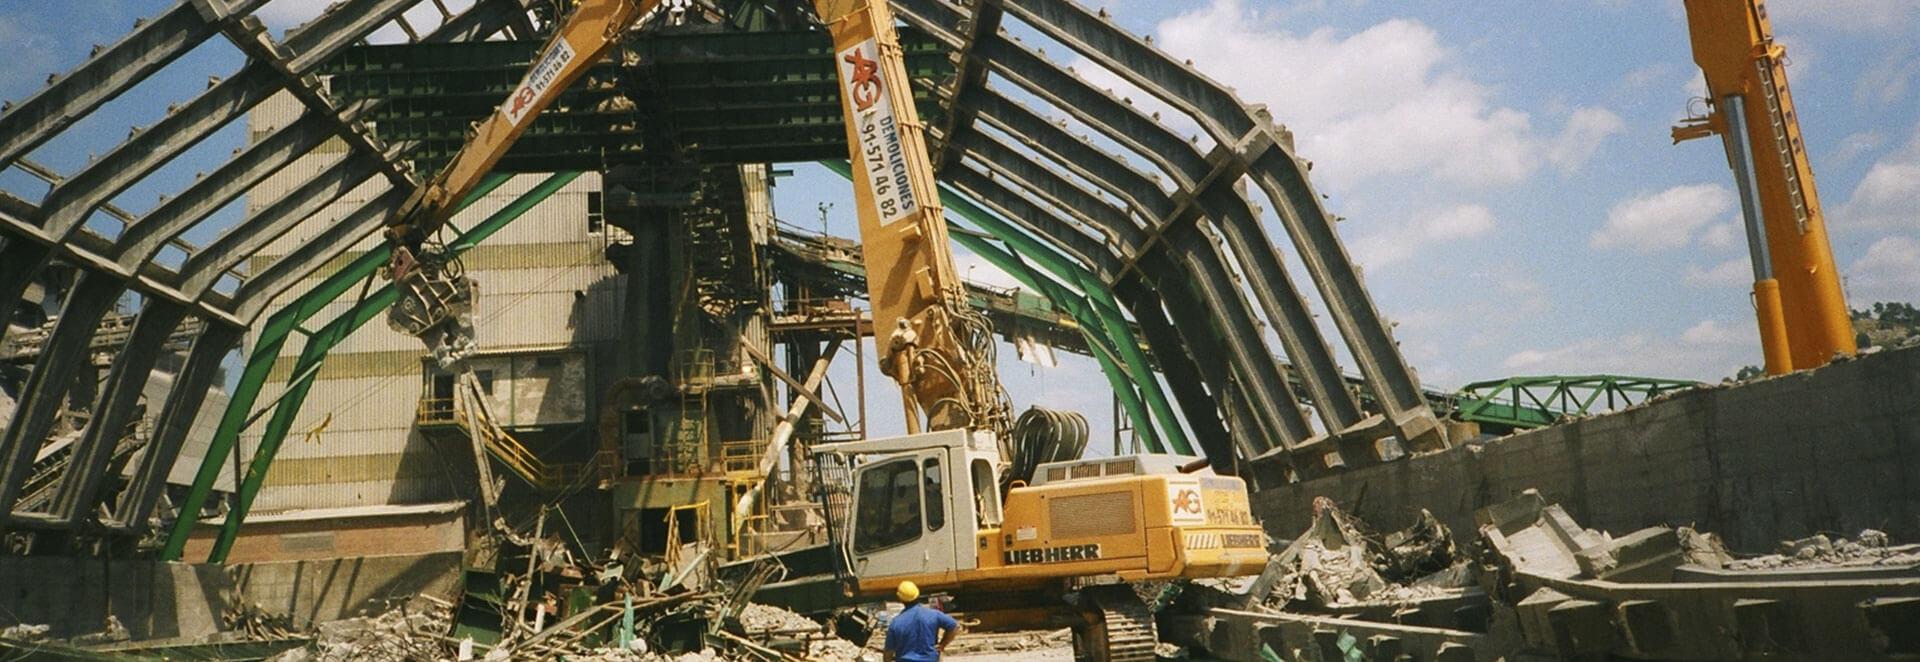 Demoliciones industriales - AG Construcciones